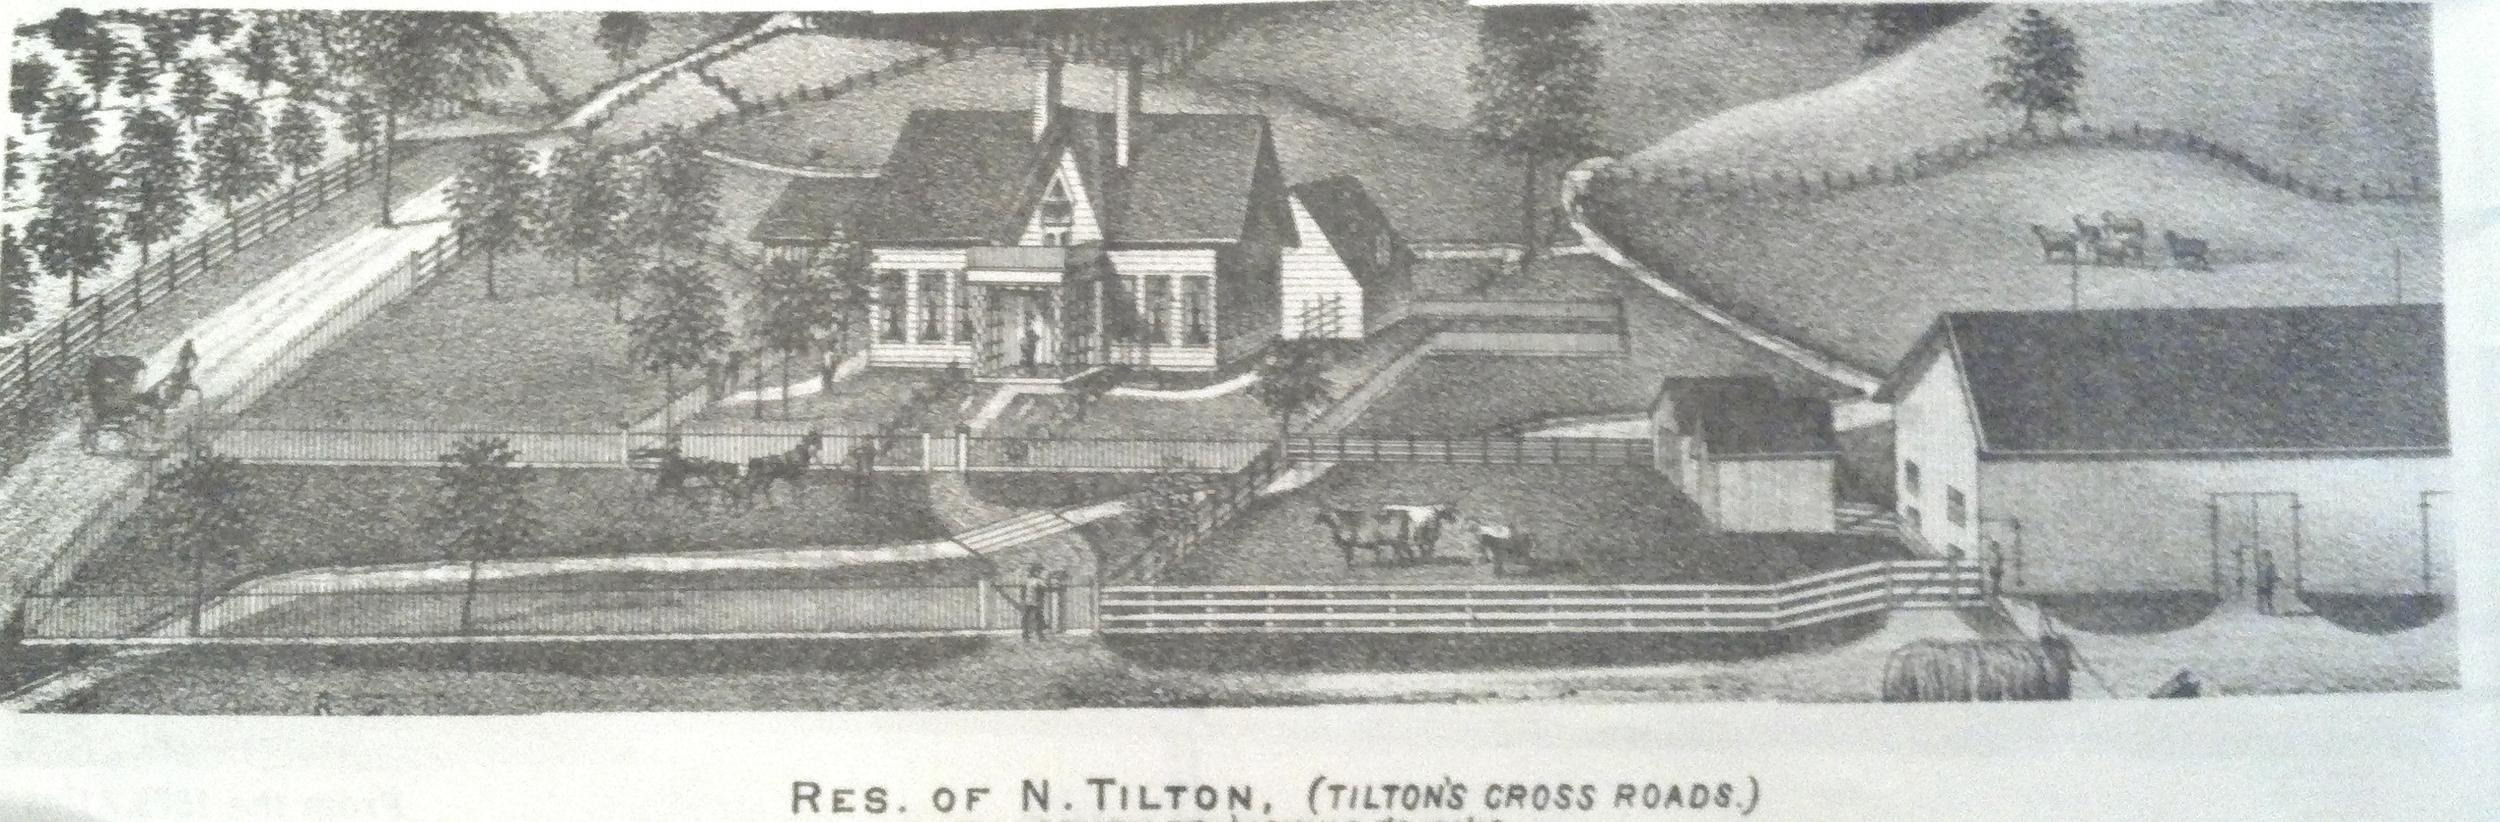 1875 Atlas sketch